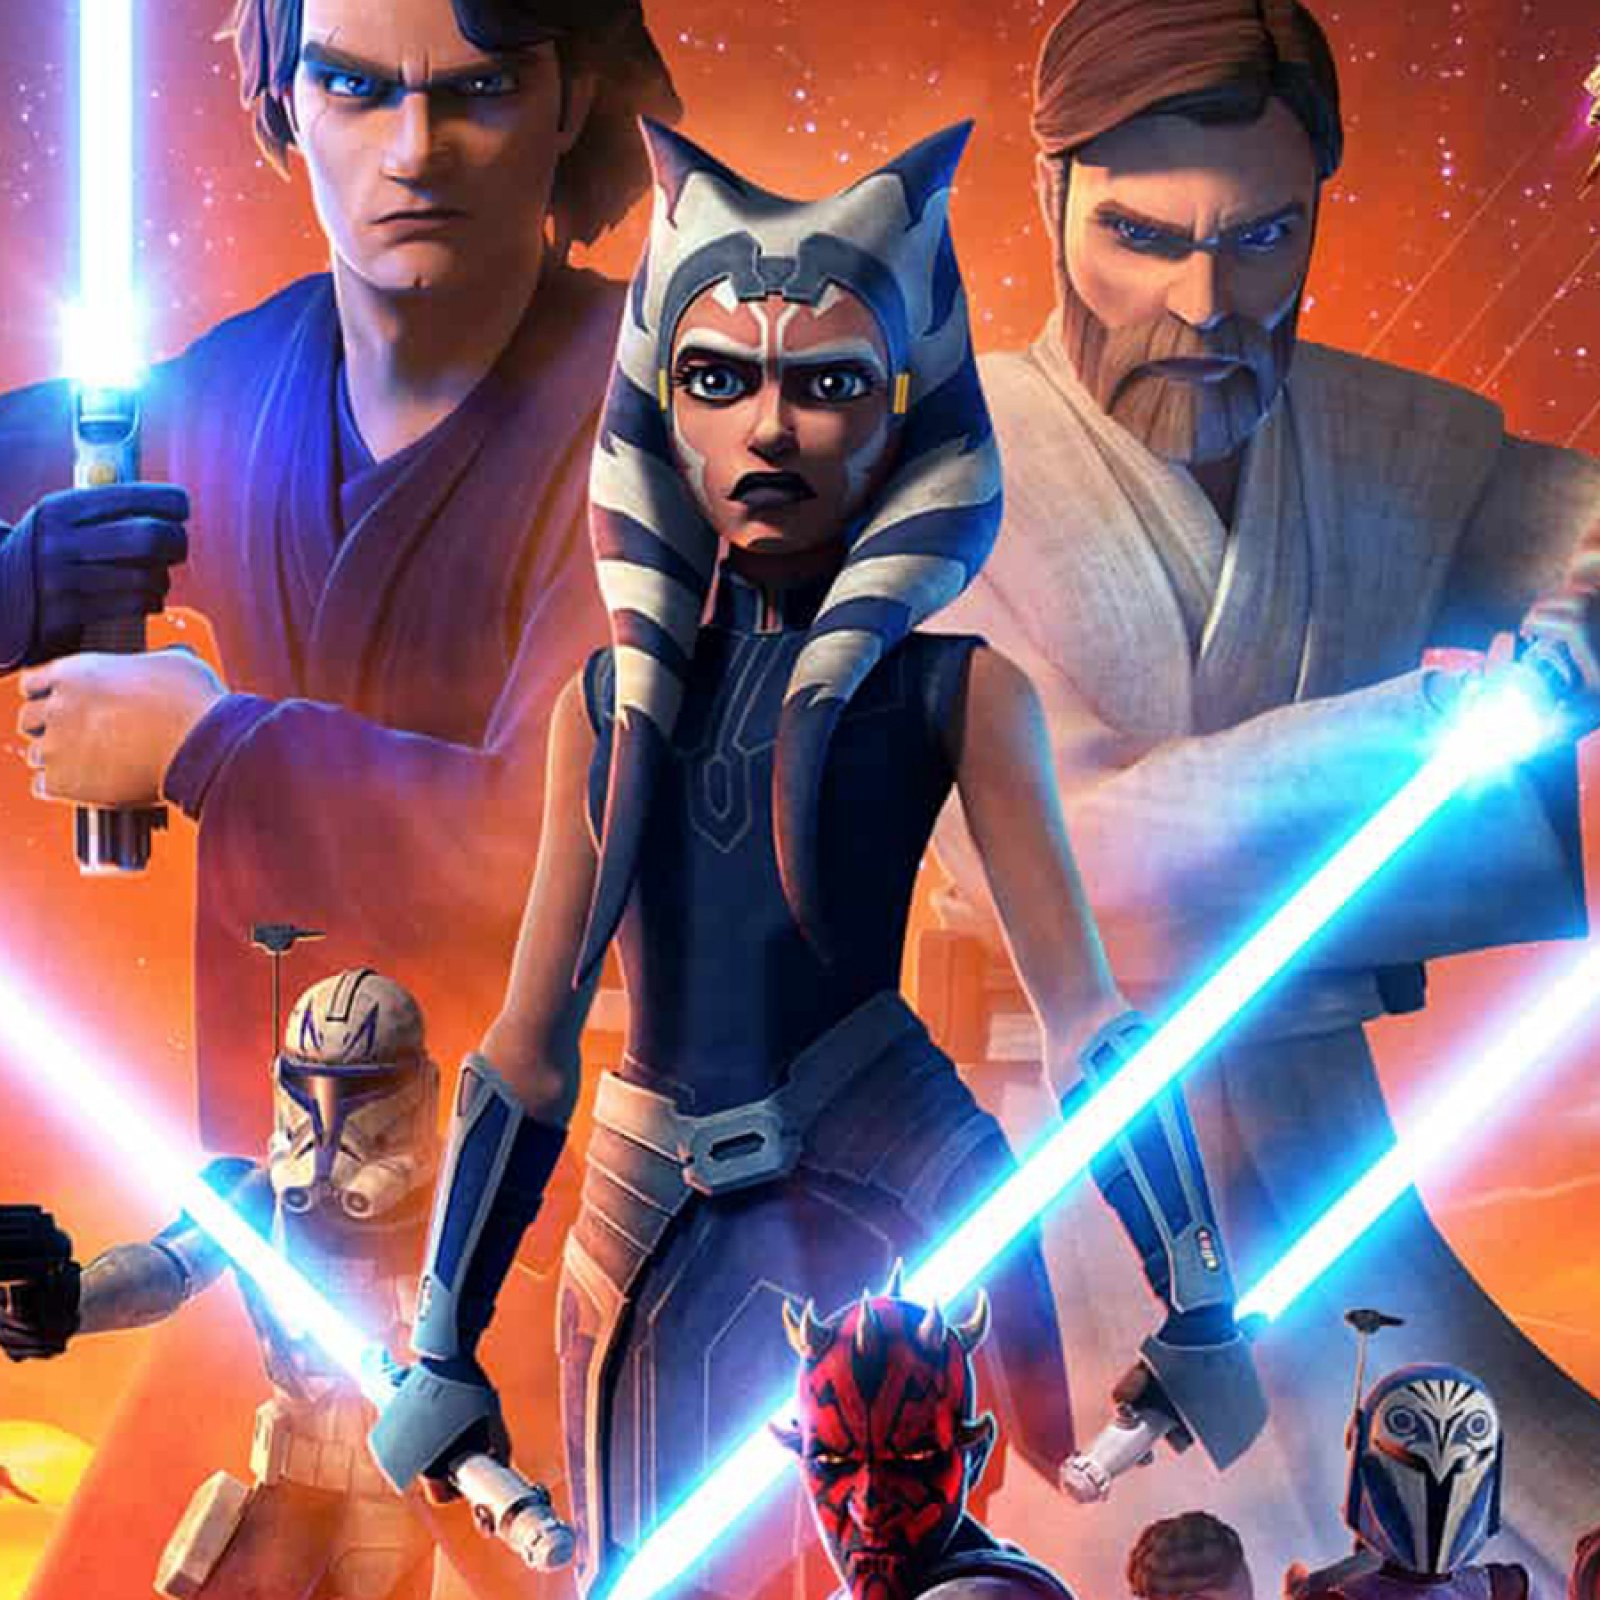 Xem Anime Phần 7 Chiến tranh giữa các vì sao -Star Wars 7 -  VietSub